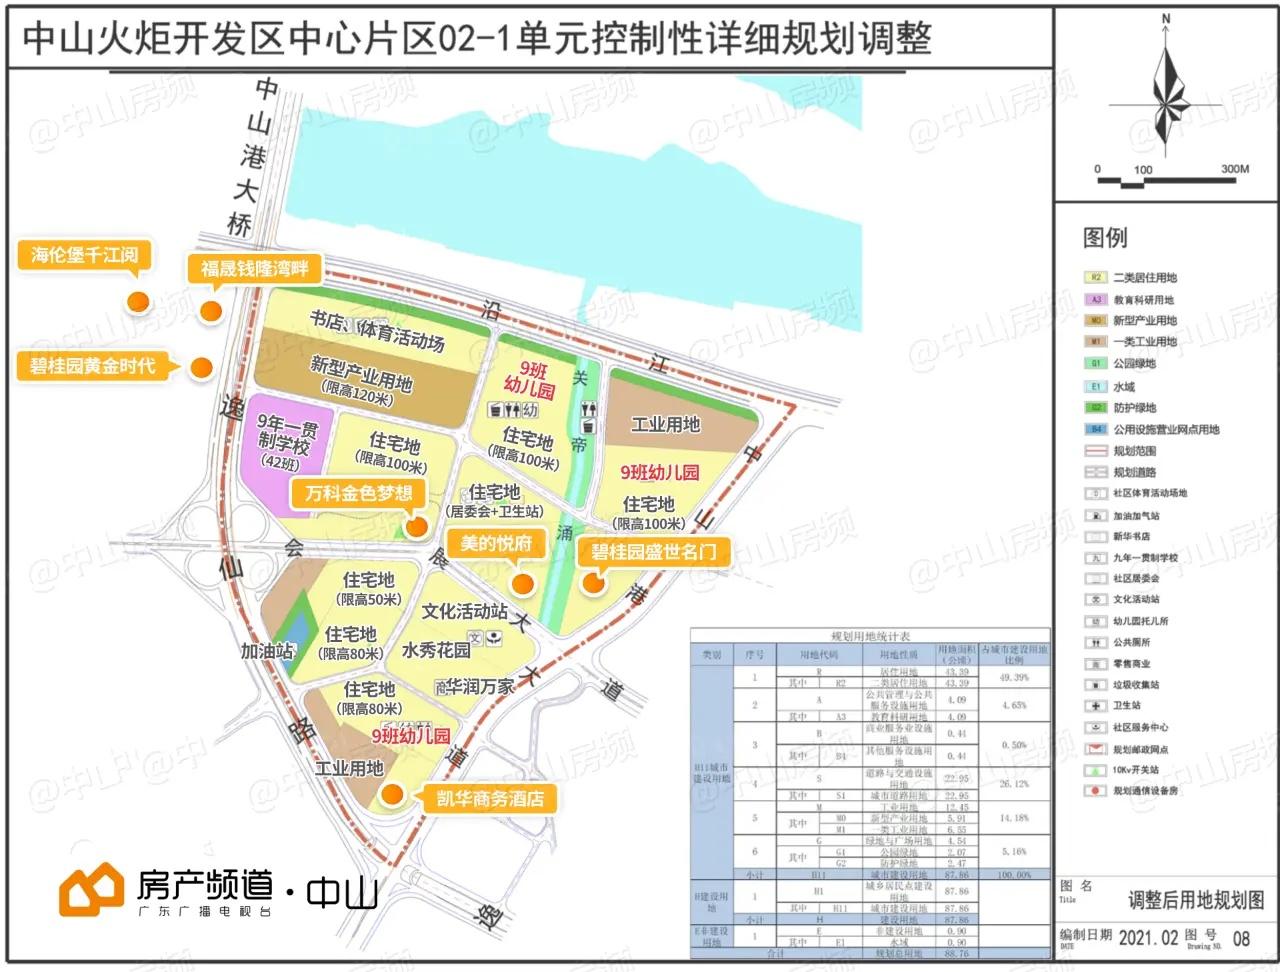 中山火炬开发区中心片区02-1单元控制性详细规划调整